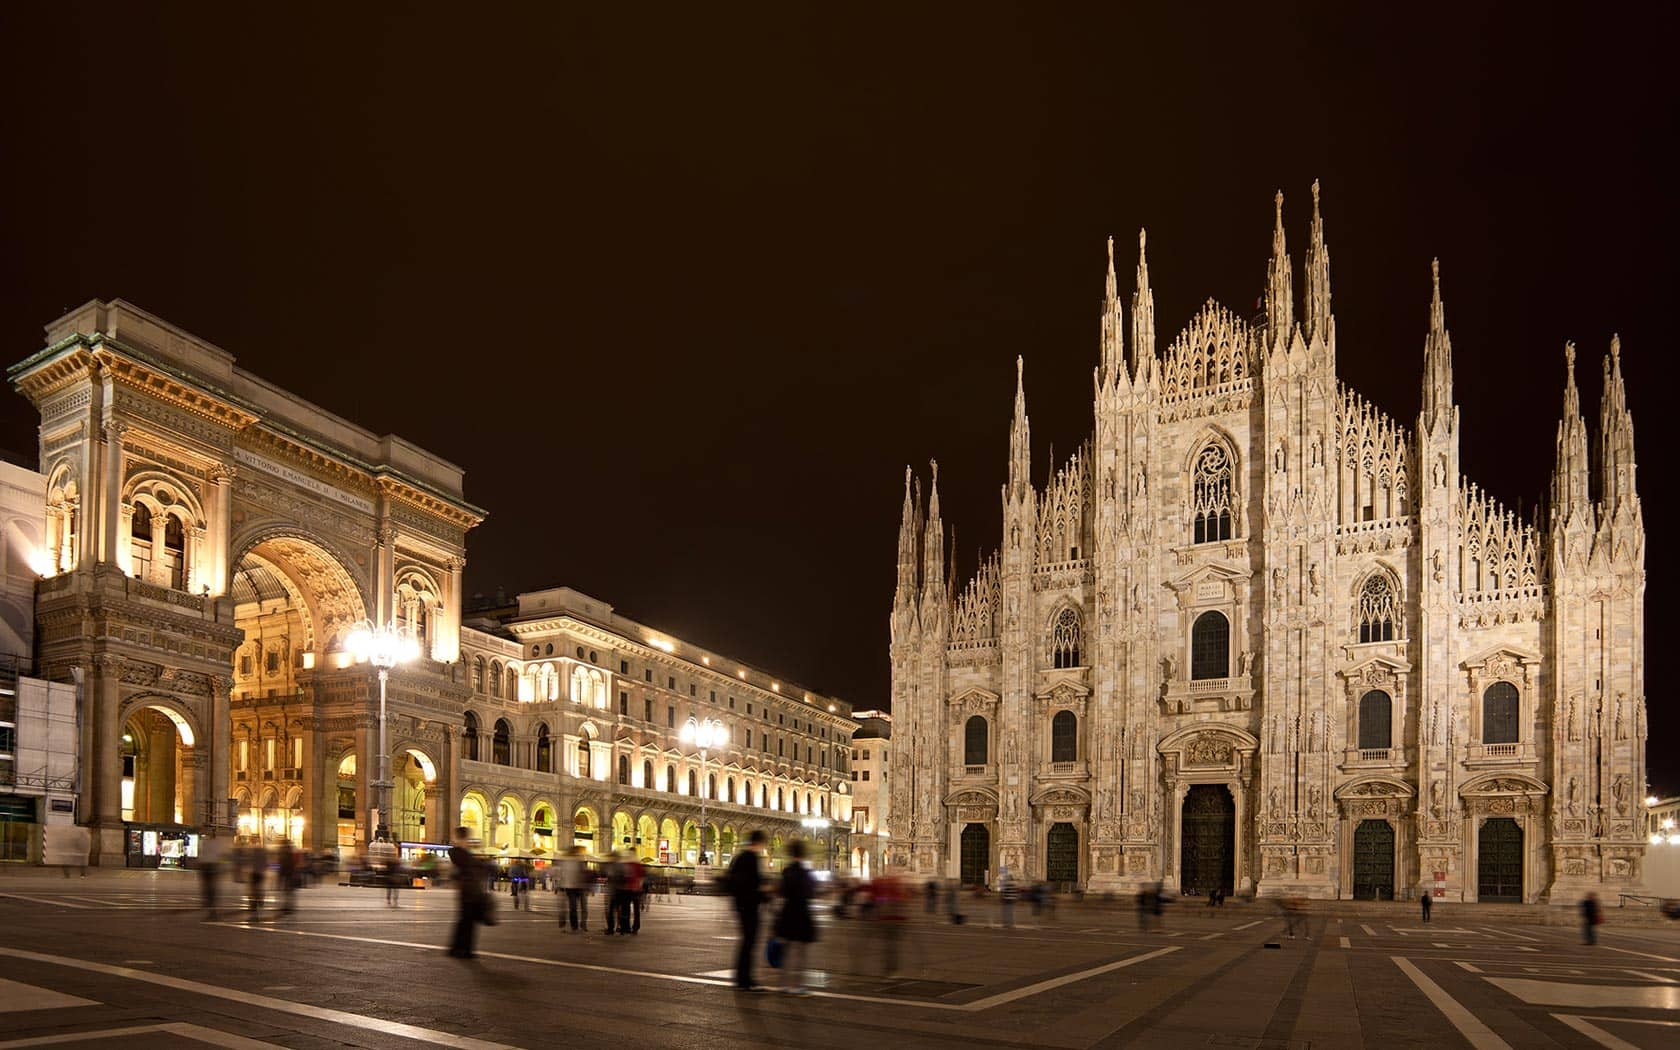 Hotel Brera Milano